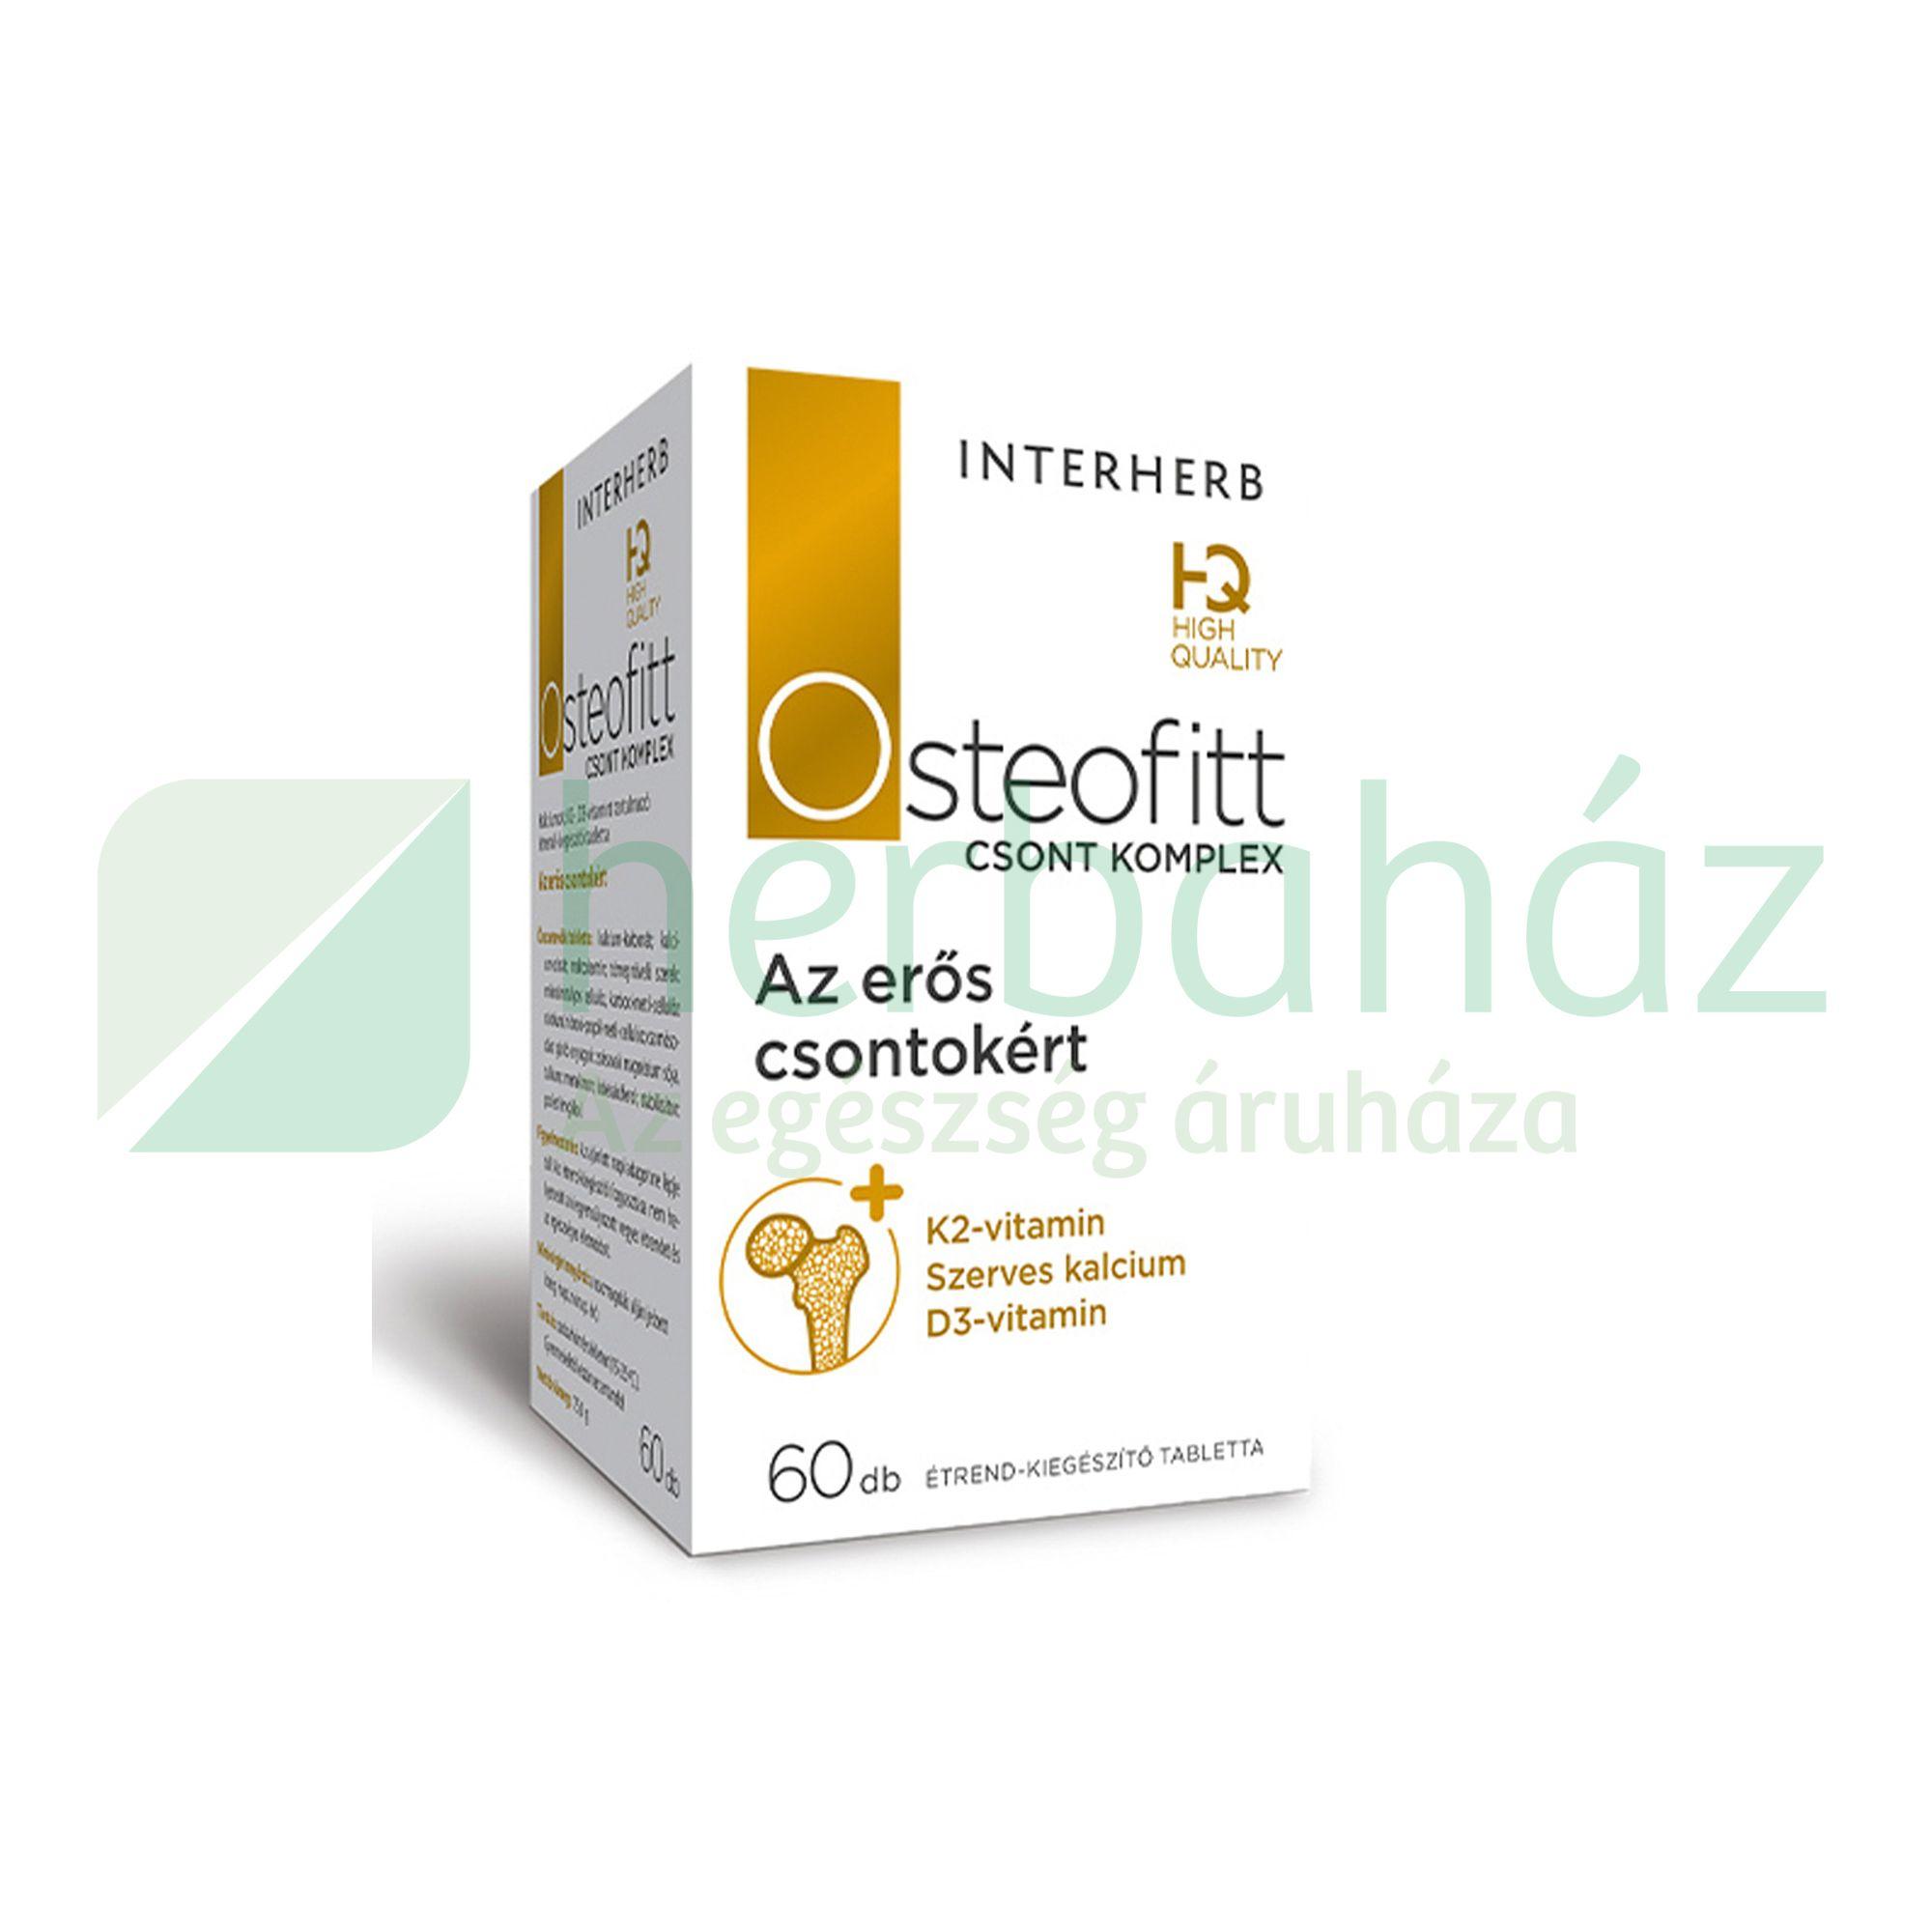 INTERHERB OSTEOFITT CSONT KOMPLEX TABLETTA 60DB